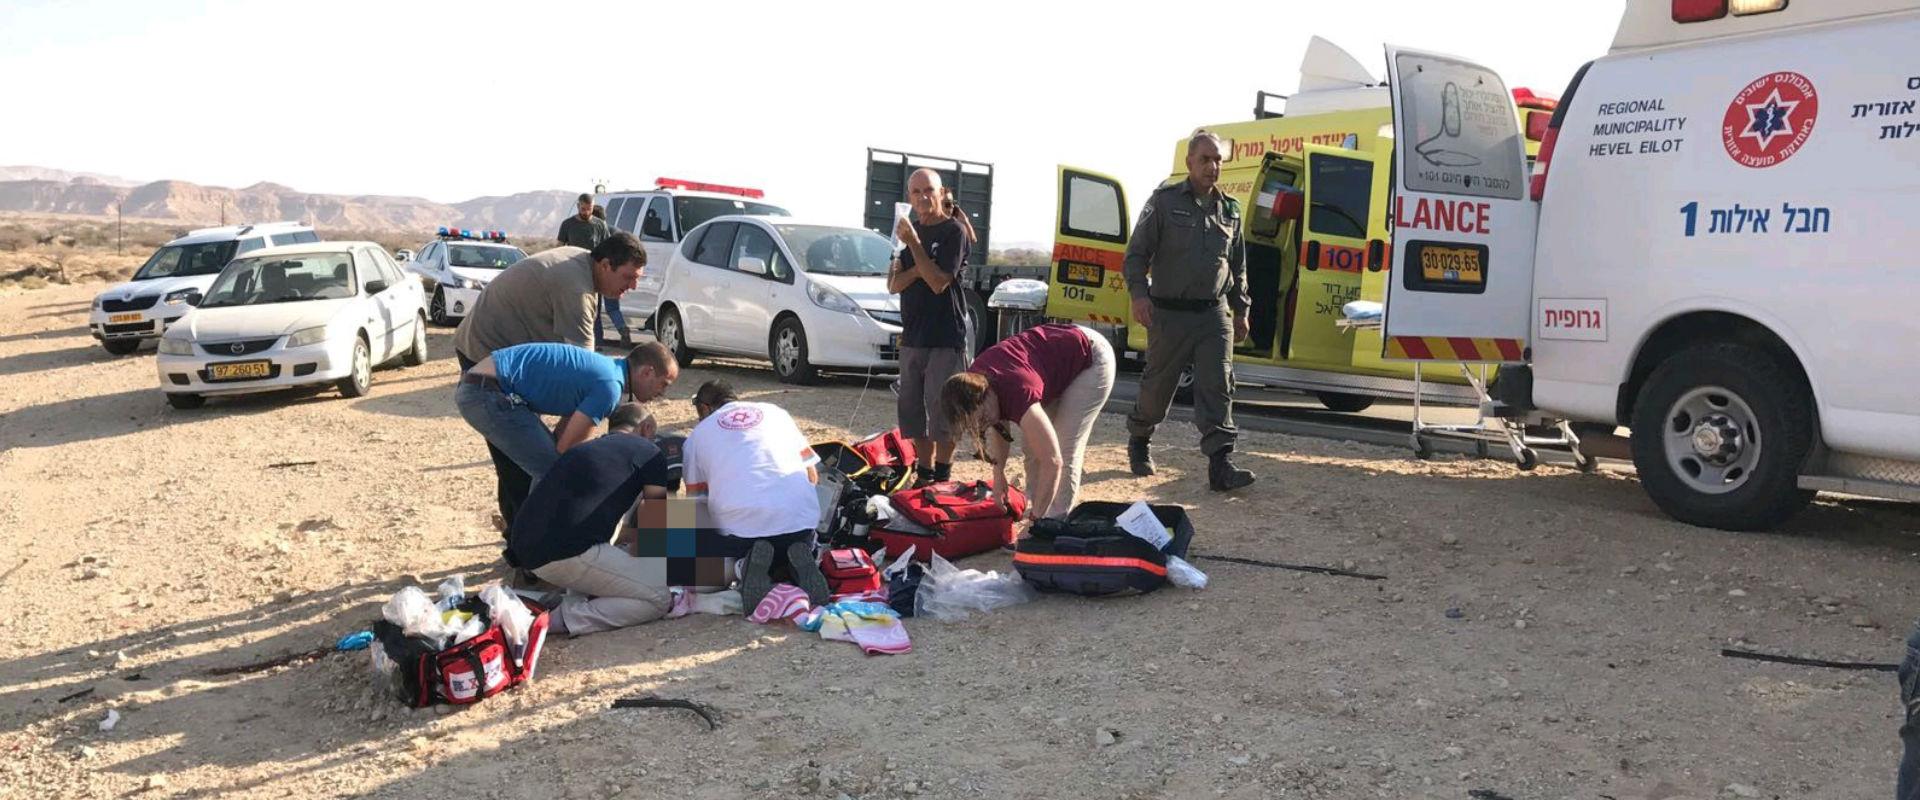 זירת תאונת הדרכים סמוך לקיבוץ יטבתה